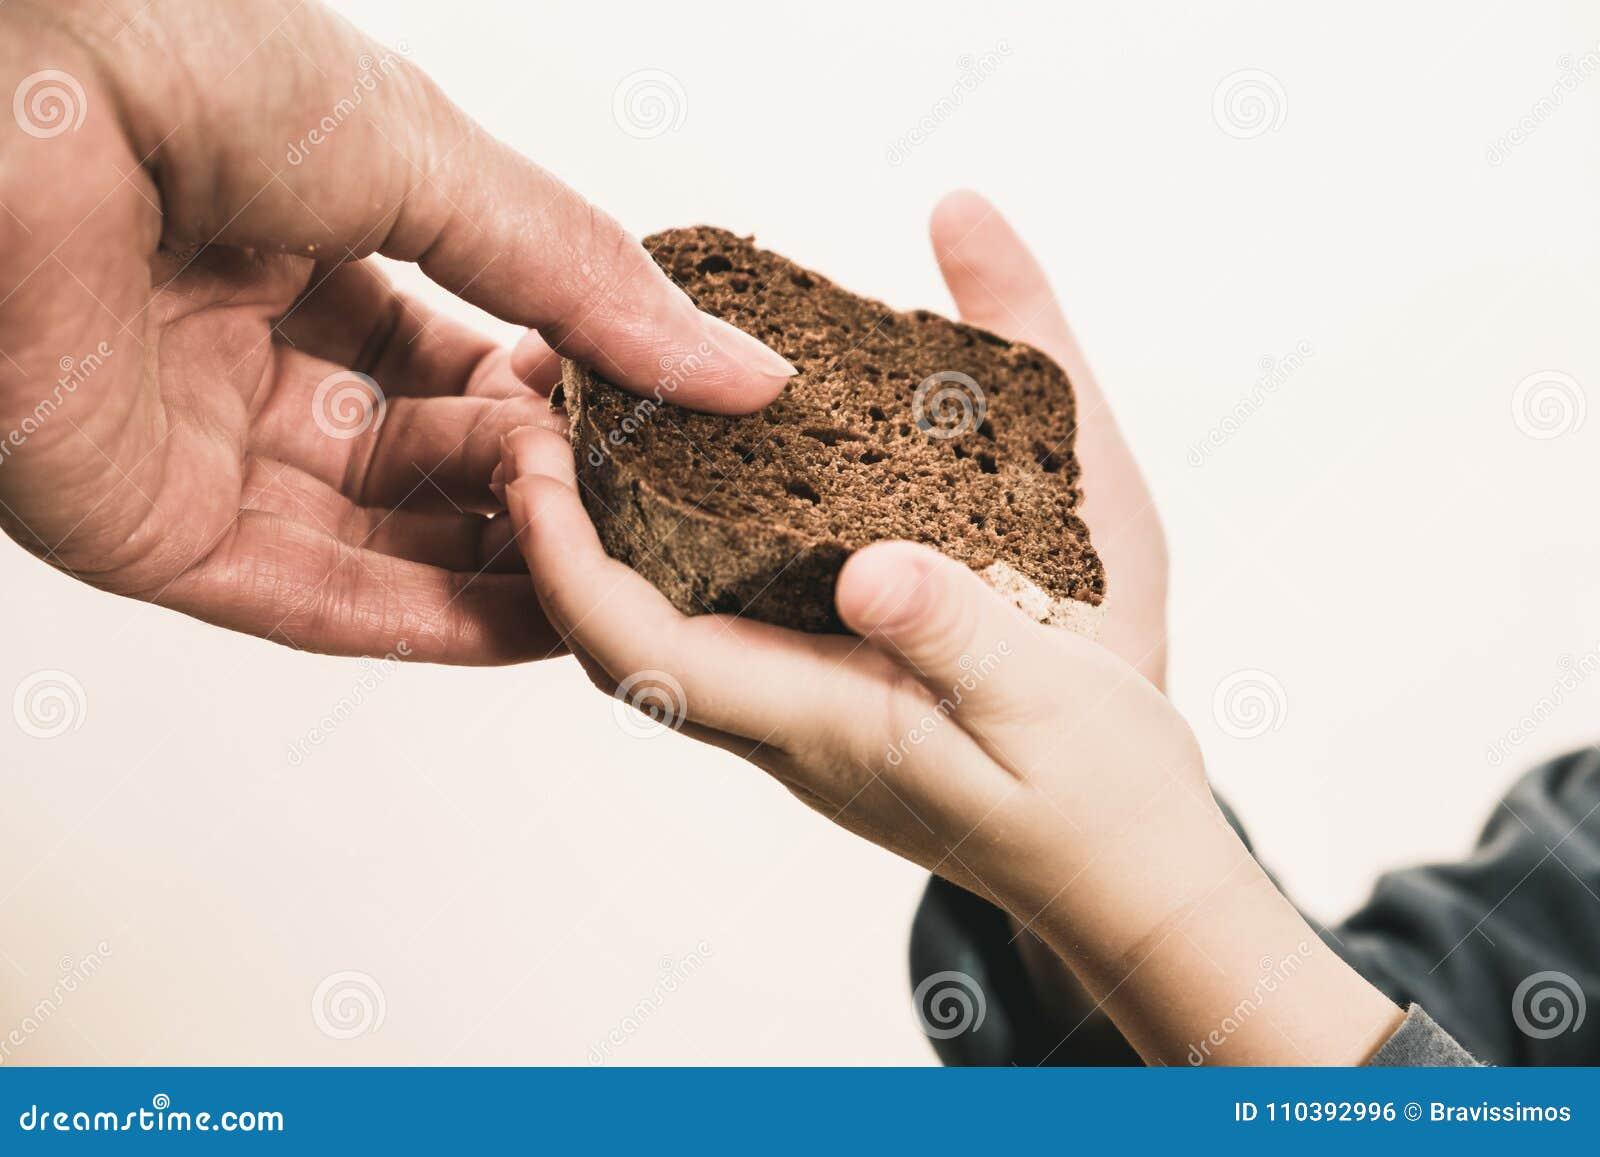 2 ладони рук попрошайки с дешевым хлебом Плохая концепция волонтеров пожертвований детей и людей